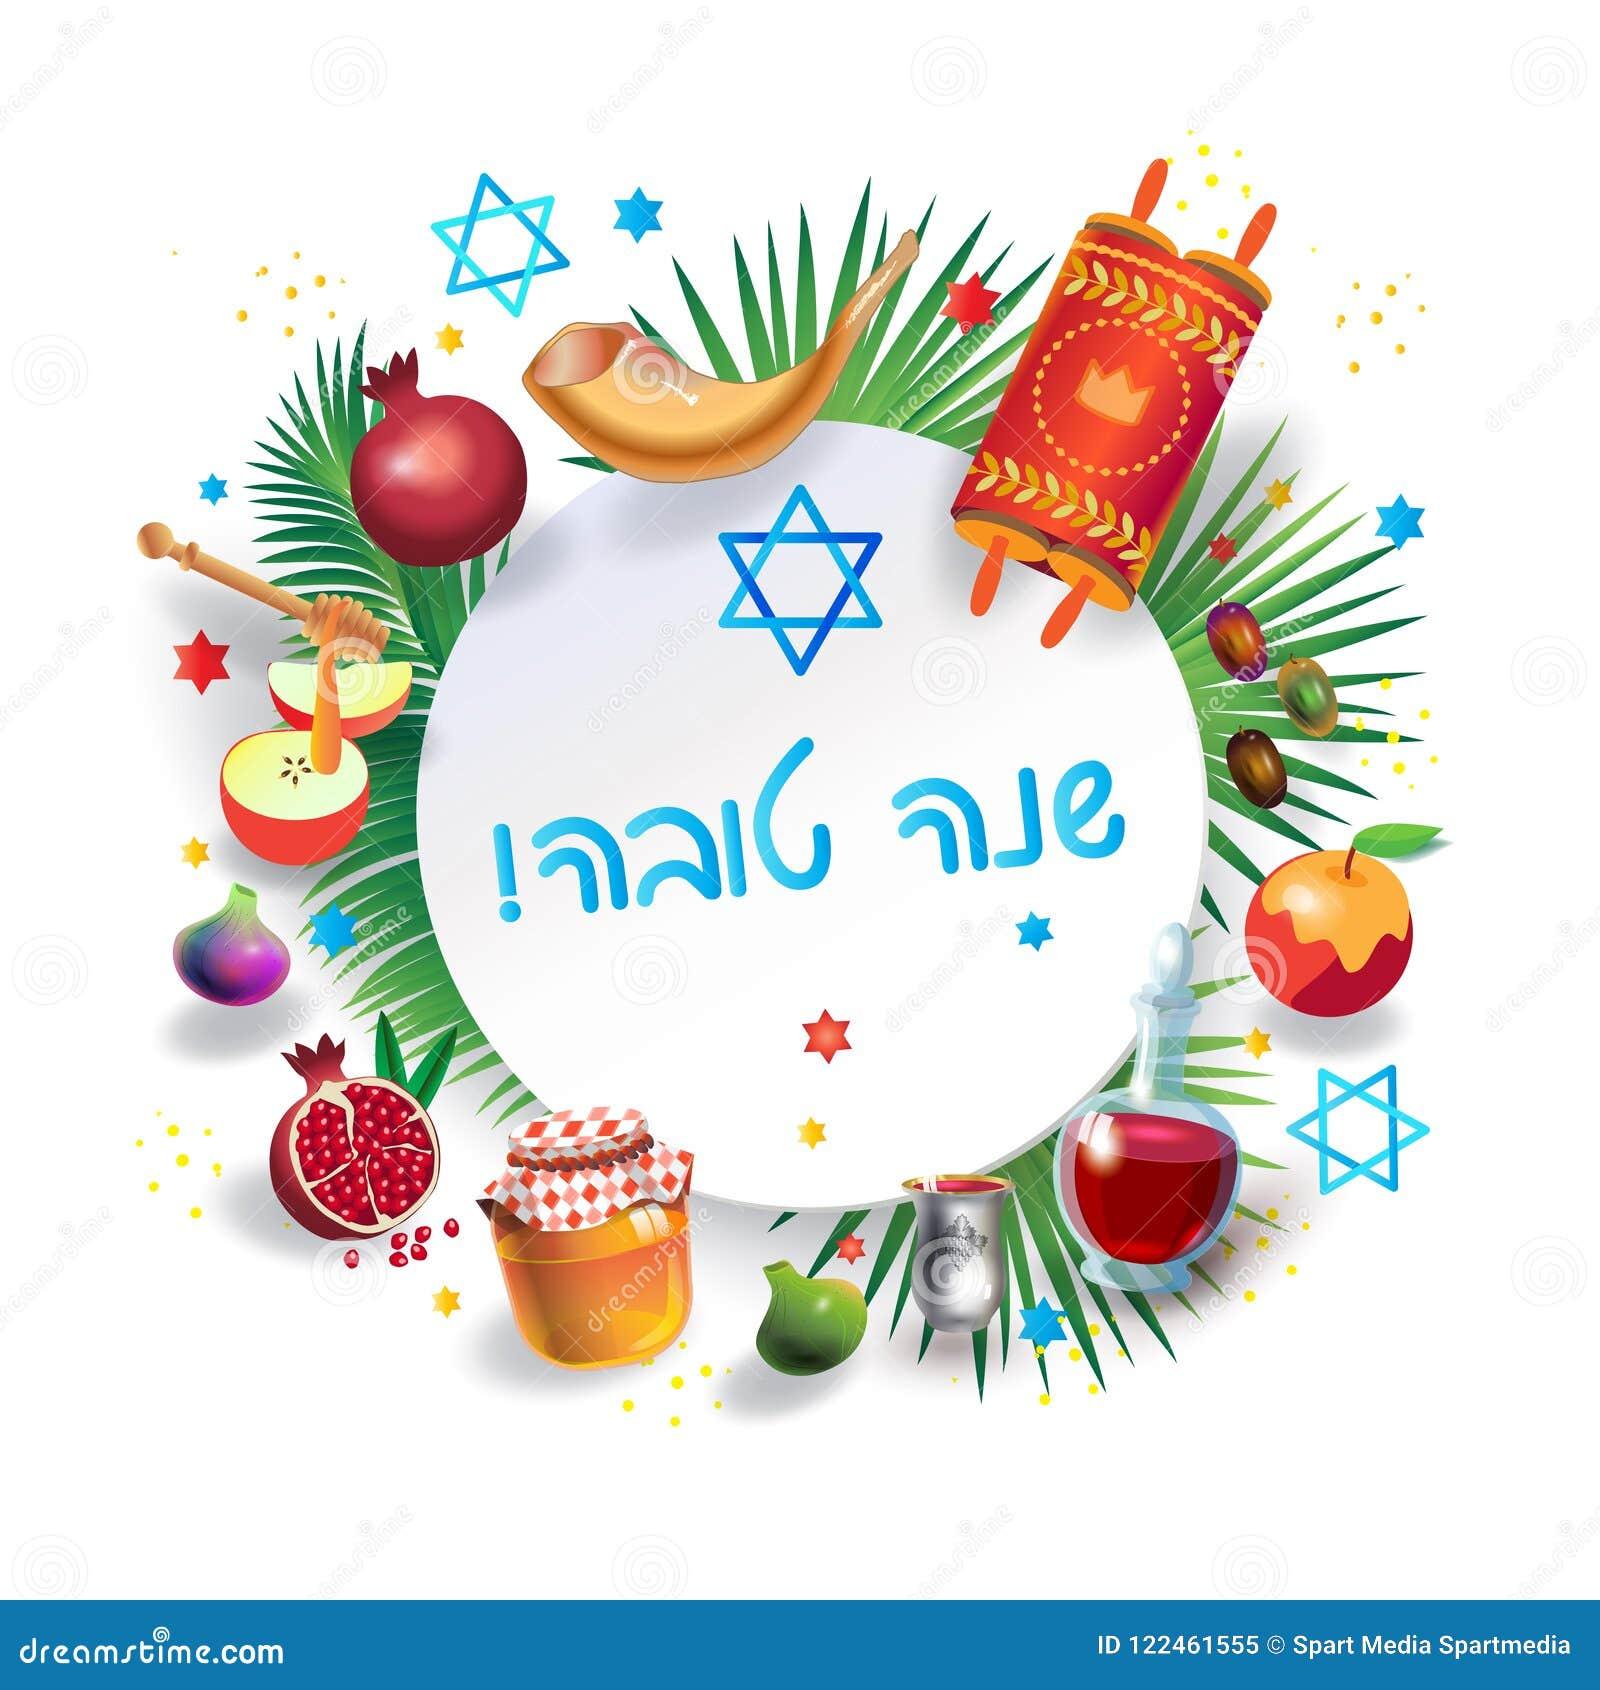 Rosh hashanah shana tova jewish holiday greeting card stock vector rosh hashanah shana tova jewish holiday greeting card m4hsunfo